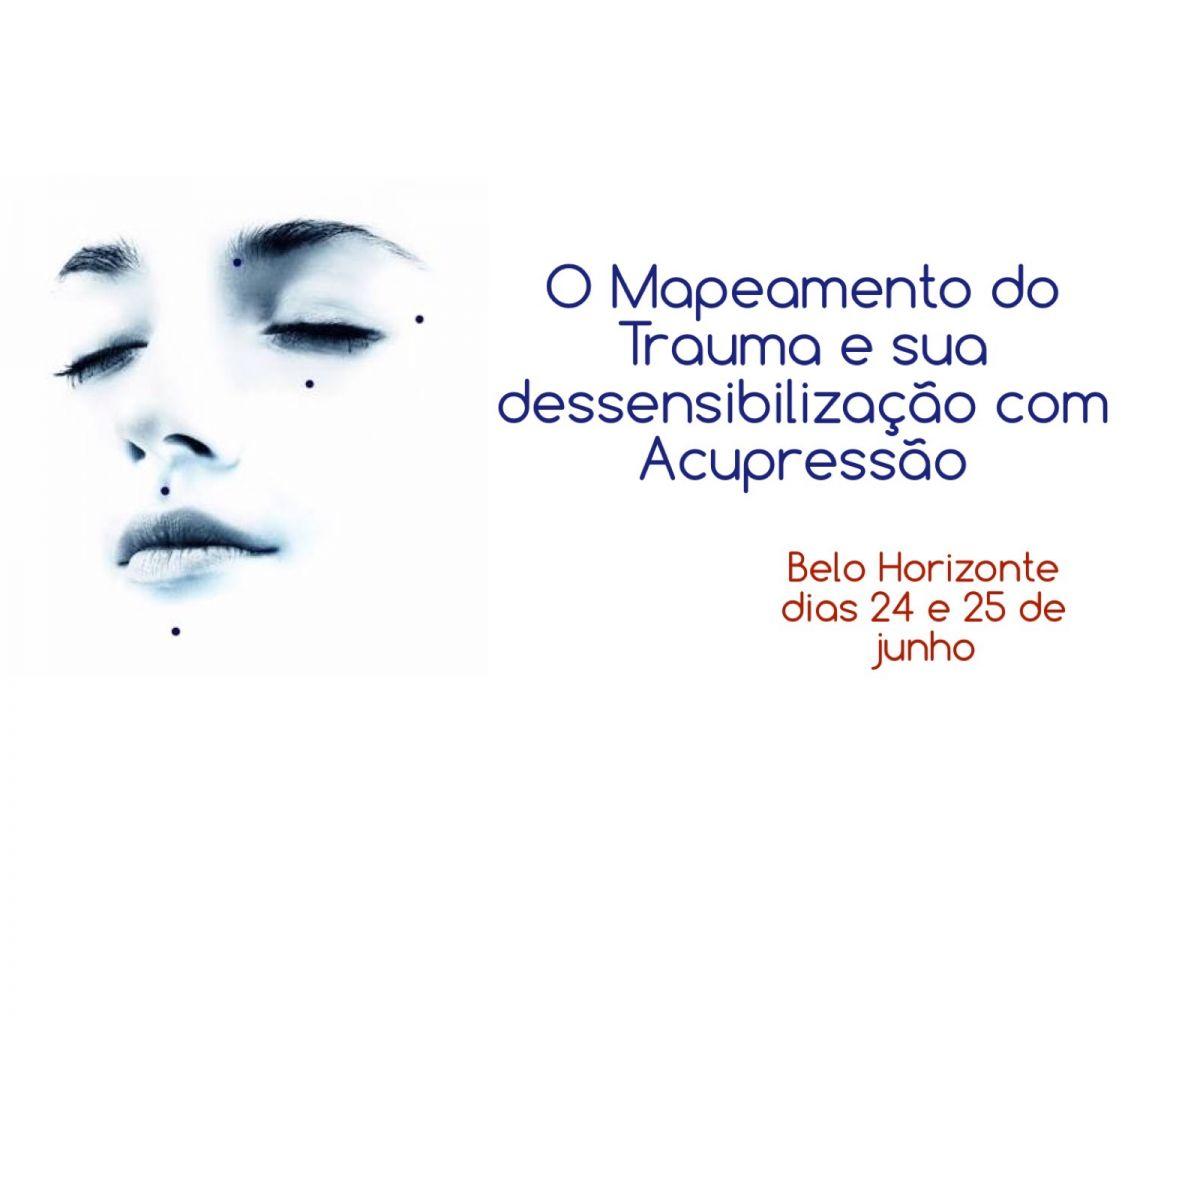 MAPEAMENTO DO TRAUMA E SUA DESSENSIBILIZAÇÃO COM ACUPRESSÃO - GASTÃO RIBEIRO